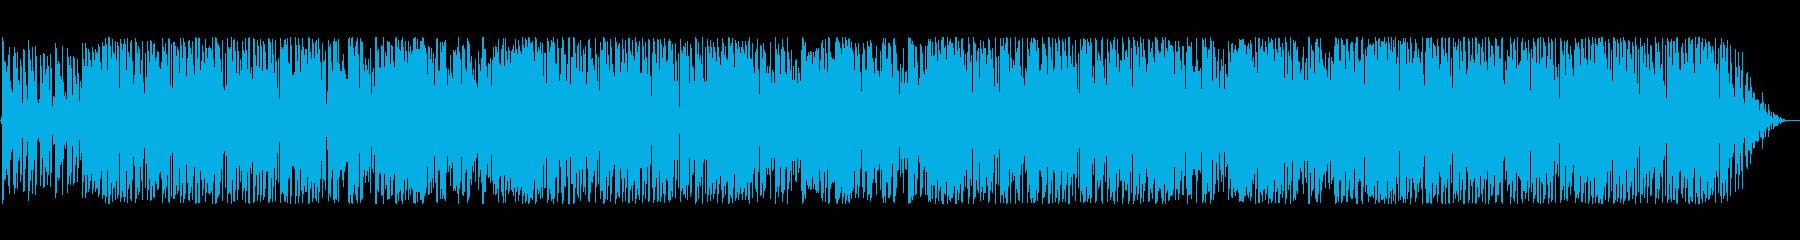 シンプルでクリーンなリズムギターは...の再生済みの波形